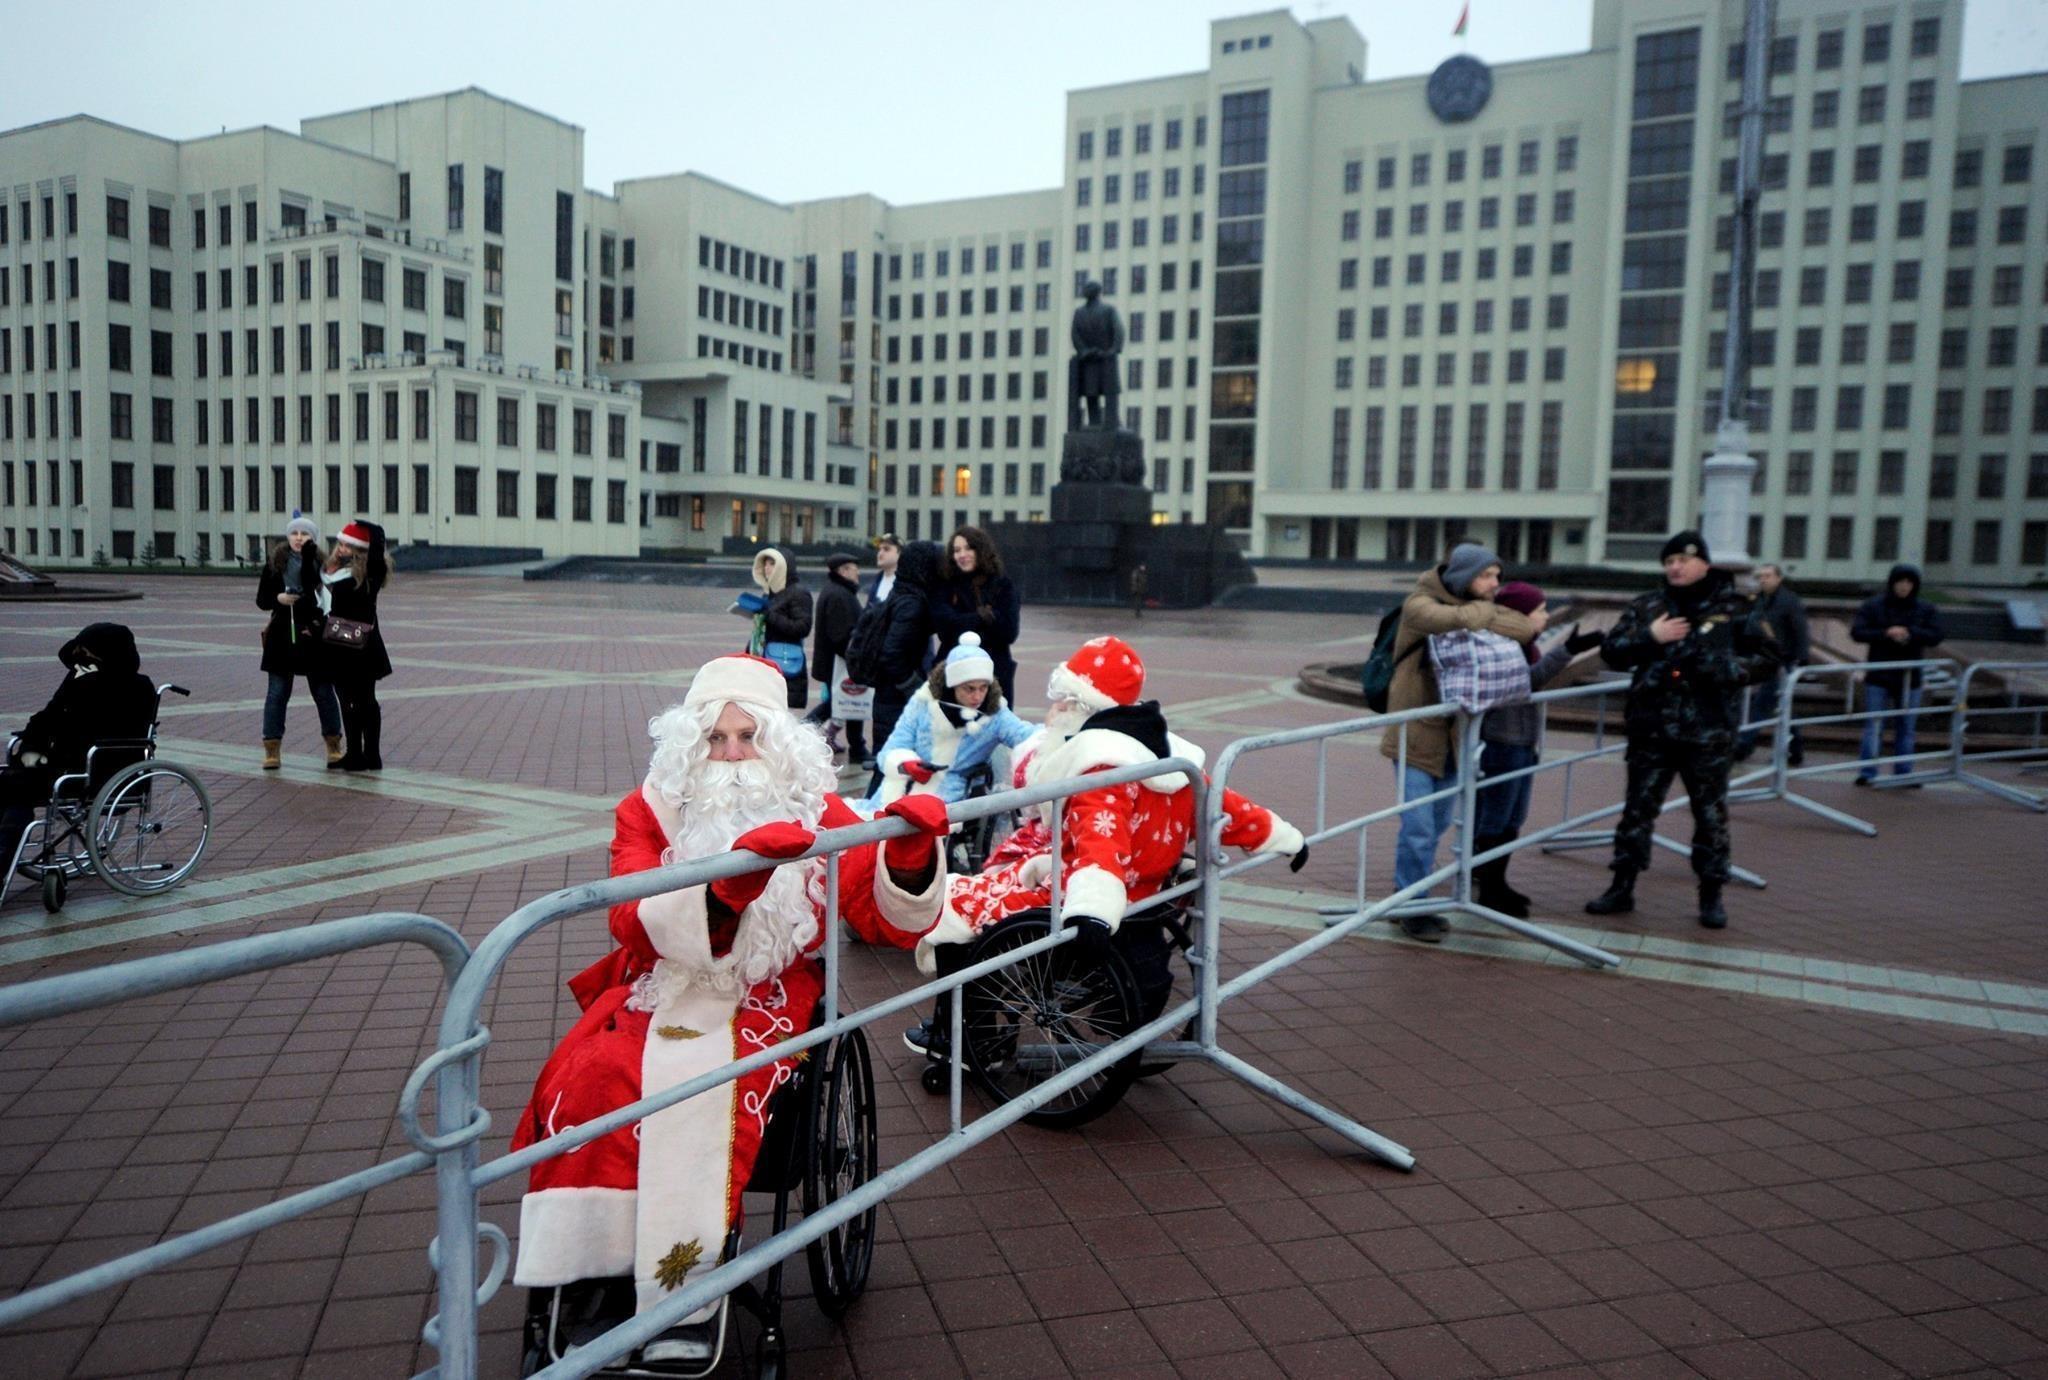 Инвалидов-колясочников в костюмах Дедов Морозов и Снегурочек не пропустили на шествие Дедов Морозов и Снегурочек. Фото: Сергей Гапон